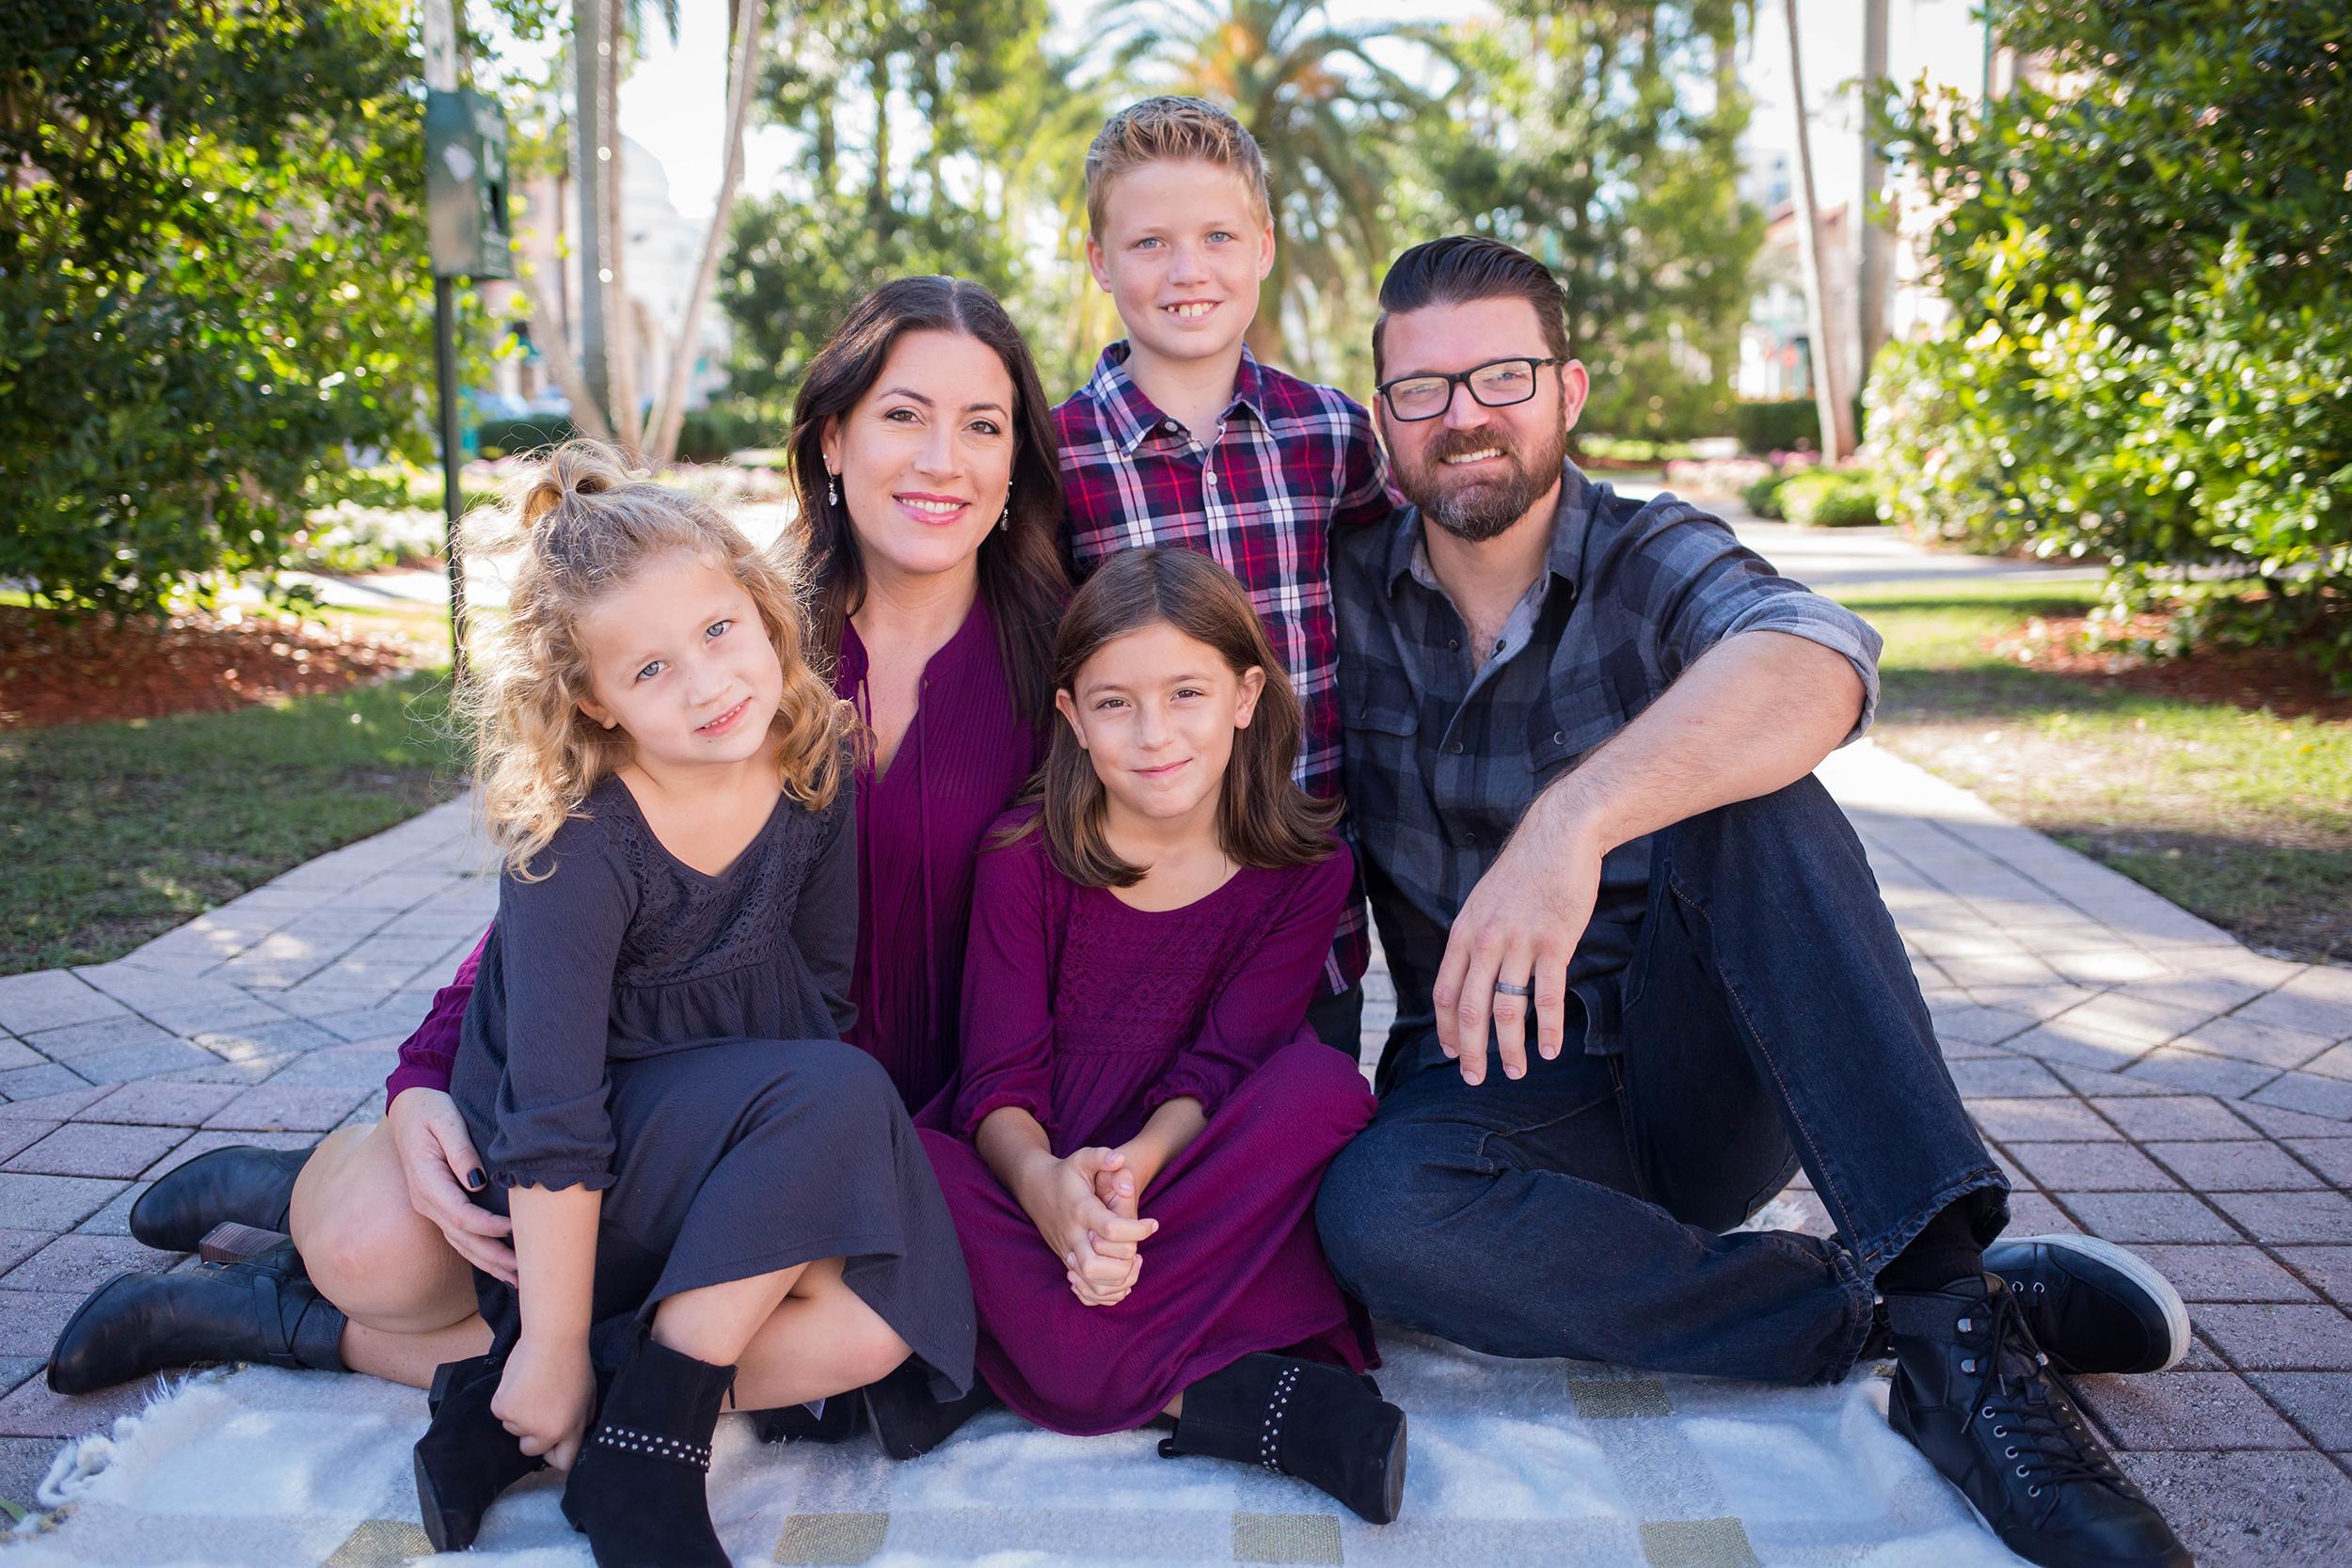 Mount-Dora-family-photographer.jpg